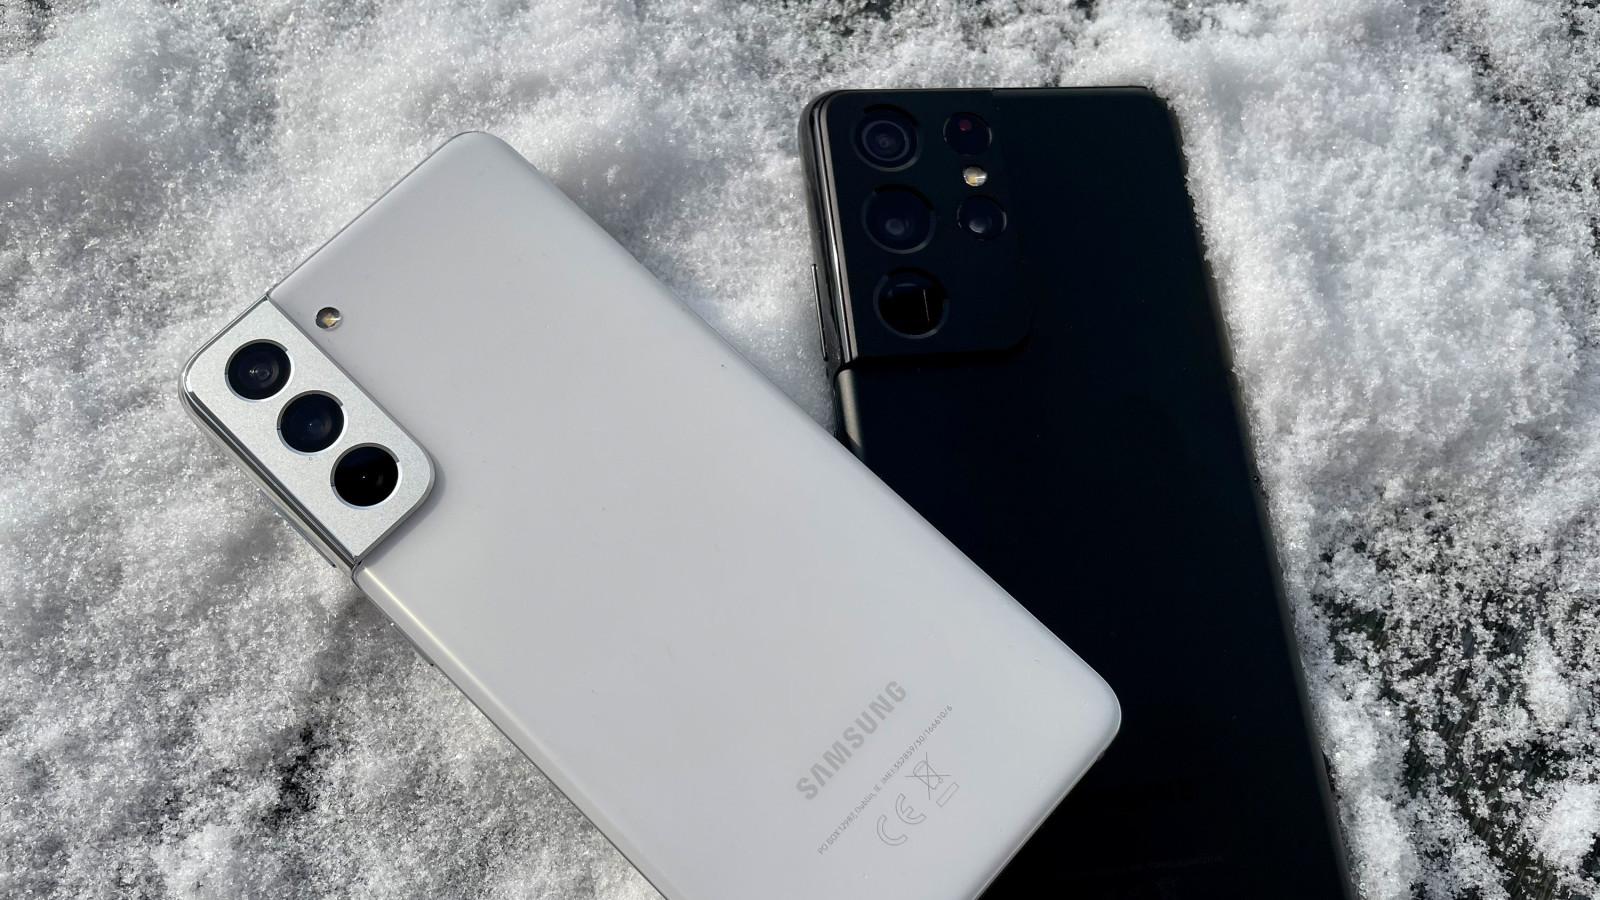 GQ testet die beiden neuen Smartphones Samsung Galaxy S21 und S21 Ultra.